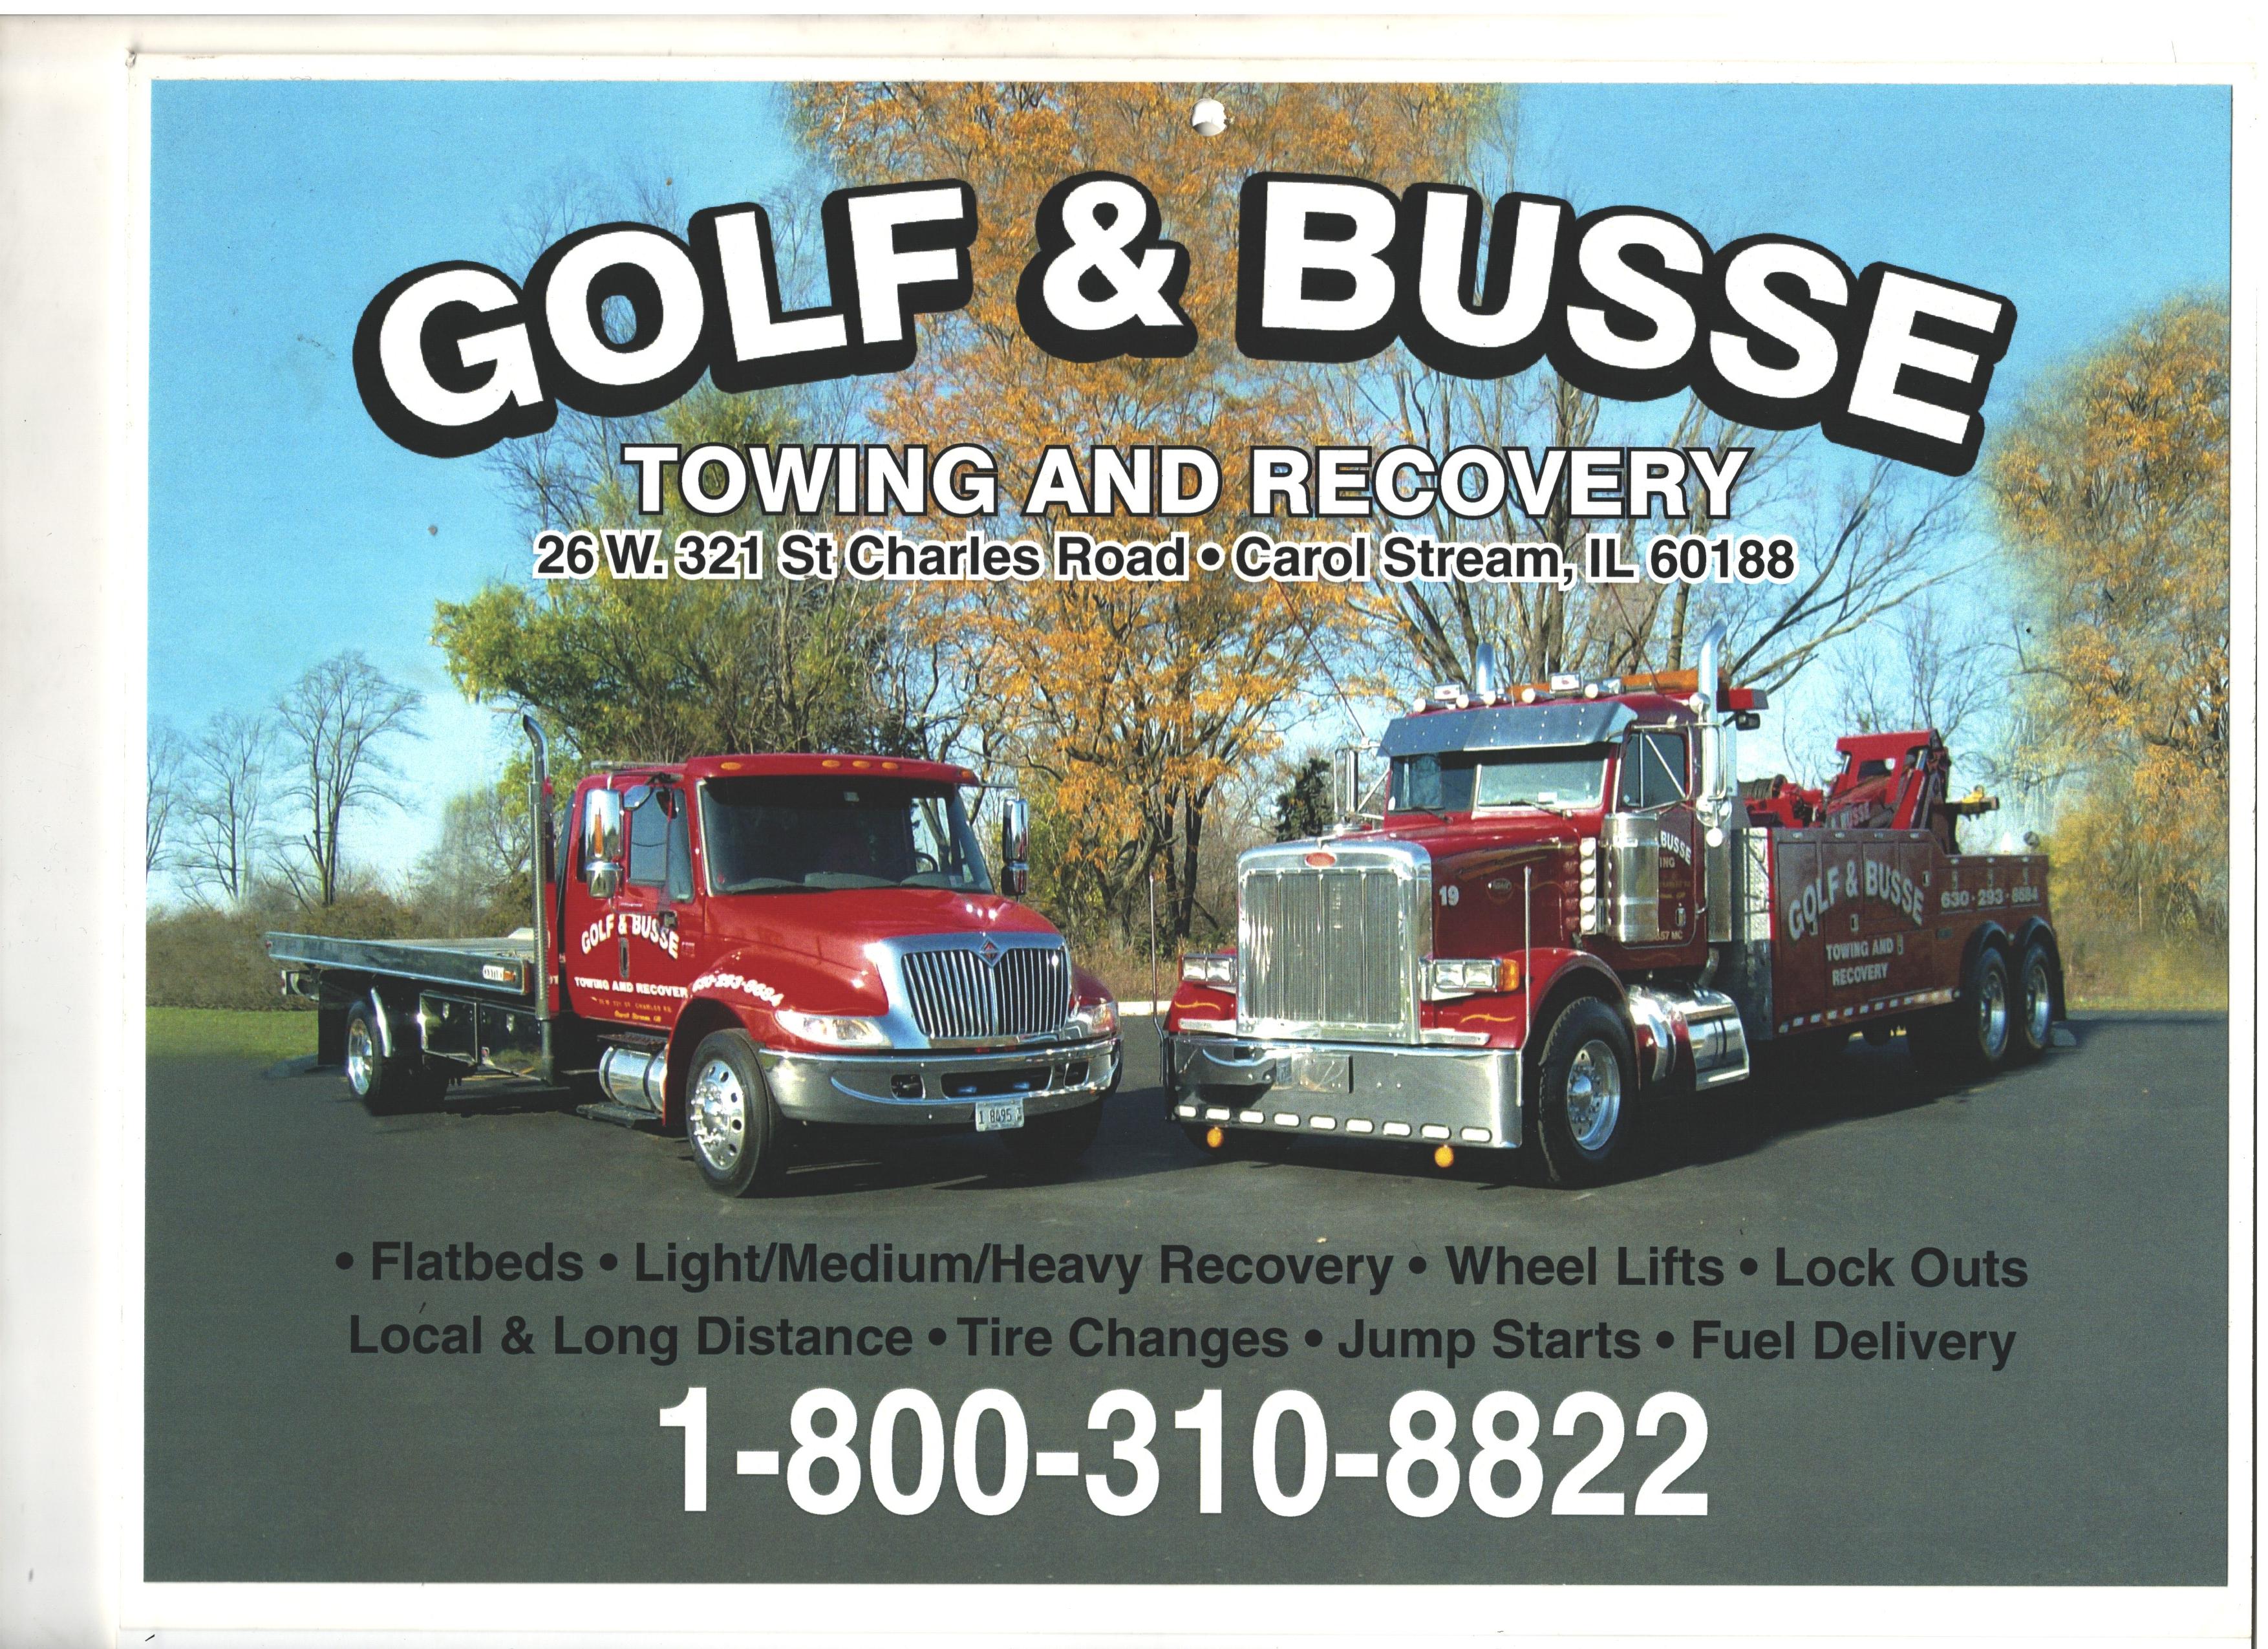 Golf & Busse Towing logo